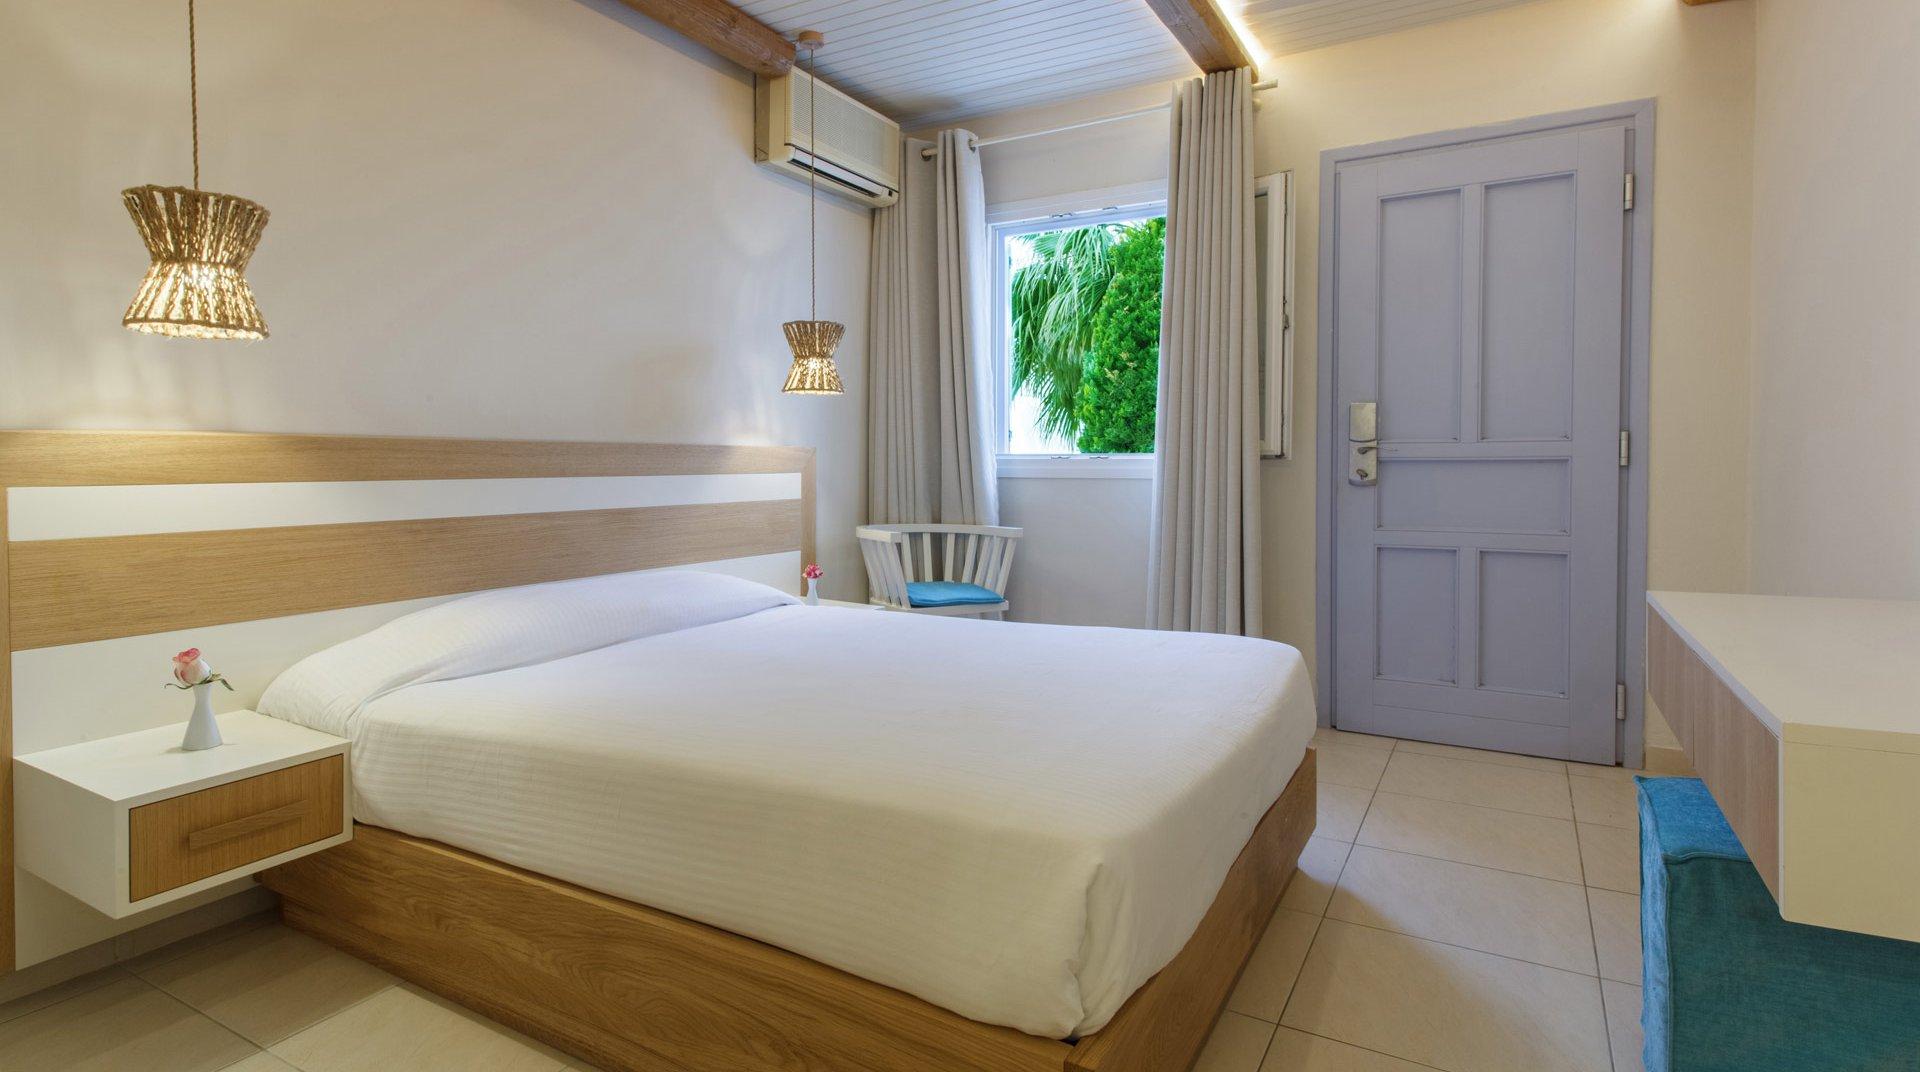 Το εσωτερικό του δωματίου με το κρεβάτι, την καρέκλα και το γραφείο